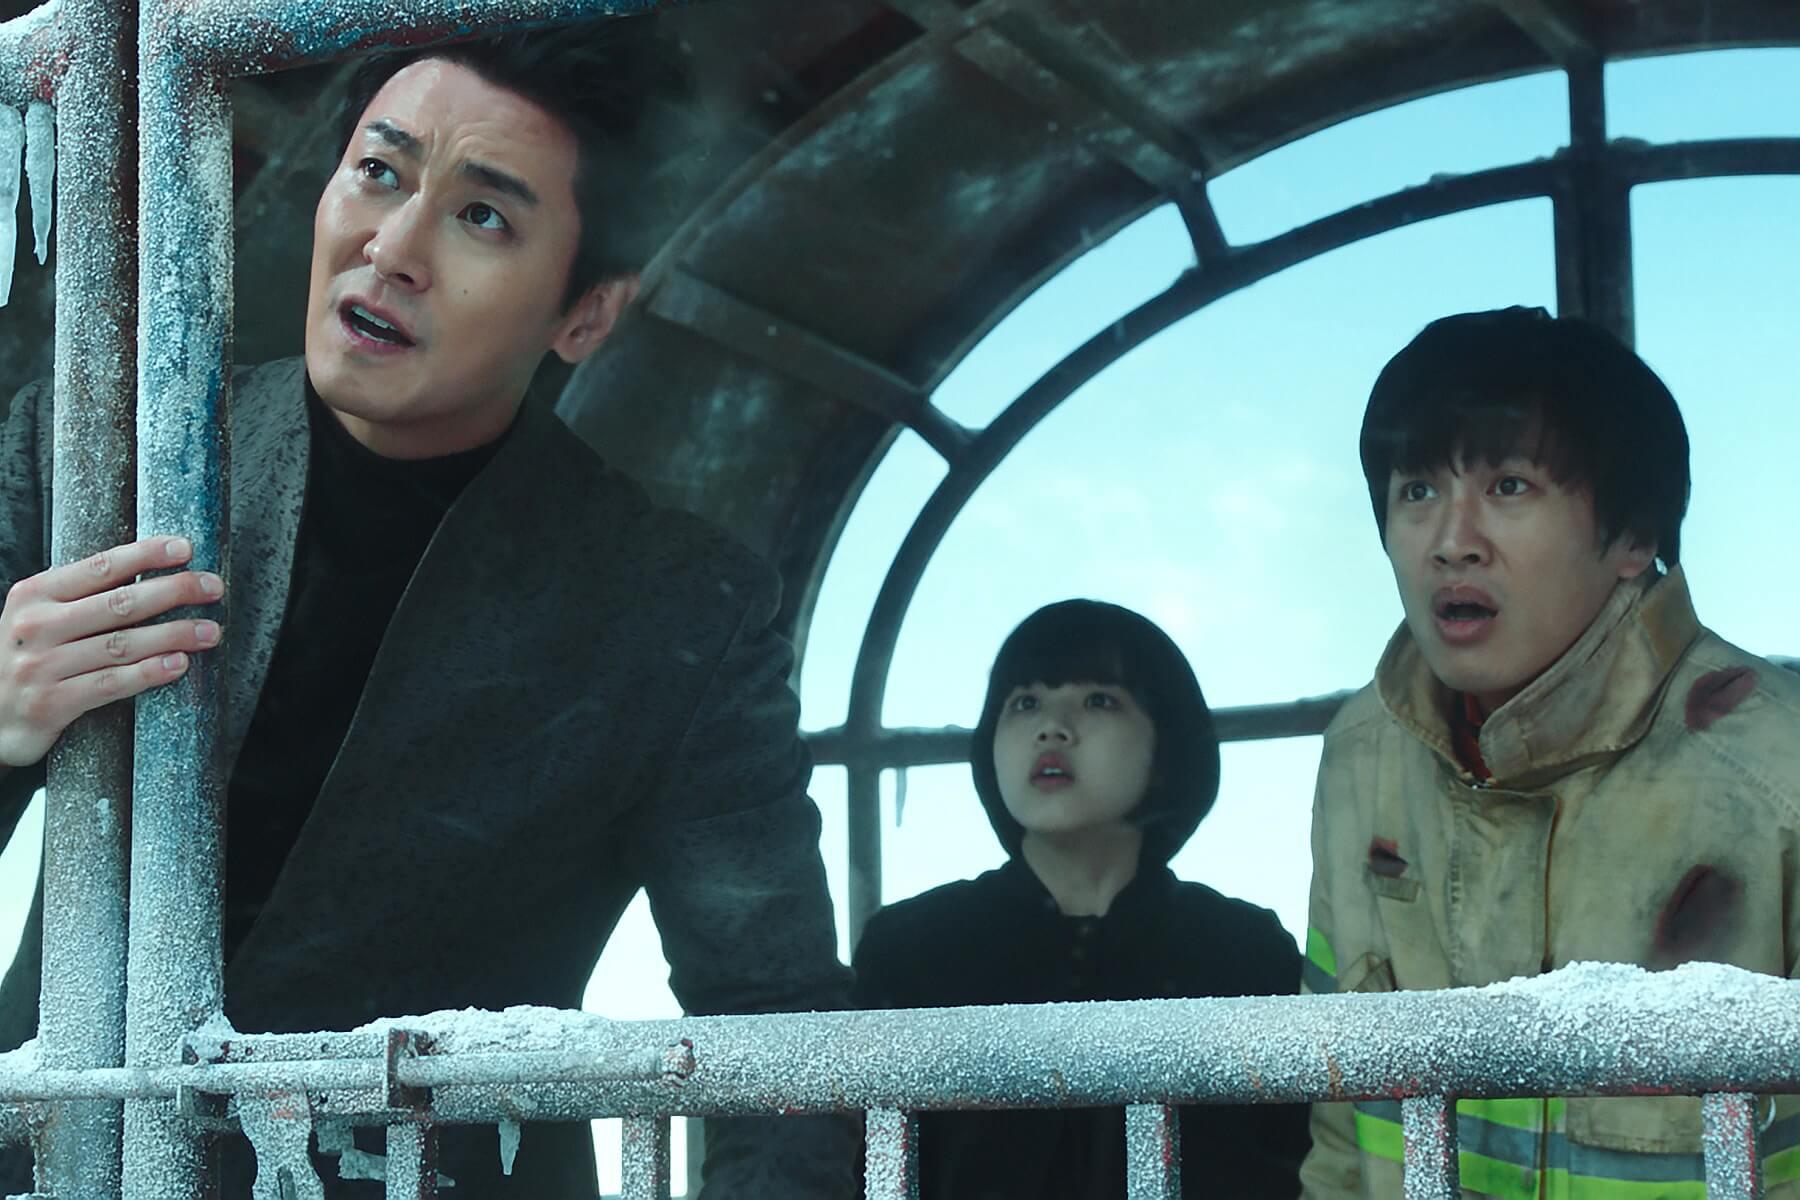 12月韓流即將來襲,斥資8億製作真實地獄《與神同行》上映戲院後數直逼《屍速列車》  登台韓期待榜雙料冠軍